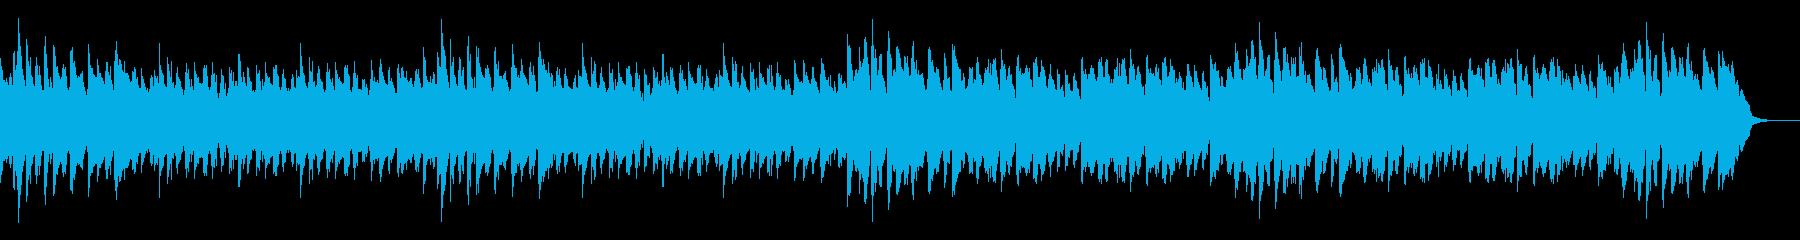 【子供と歌う童謡】ロンドン橋 ピアノの再生済みの波形